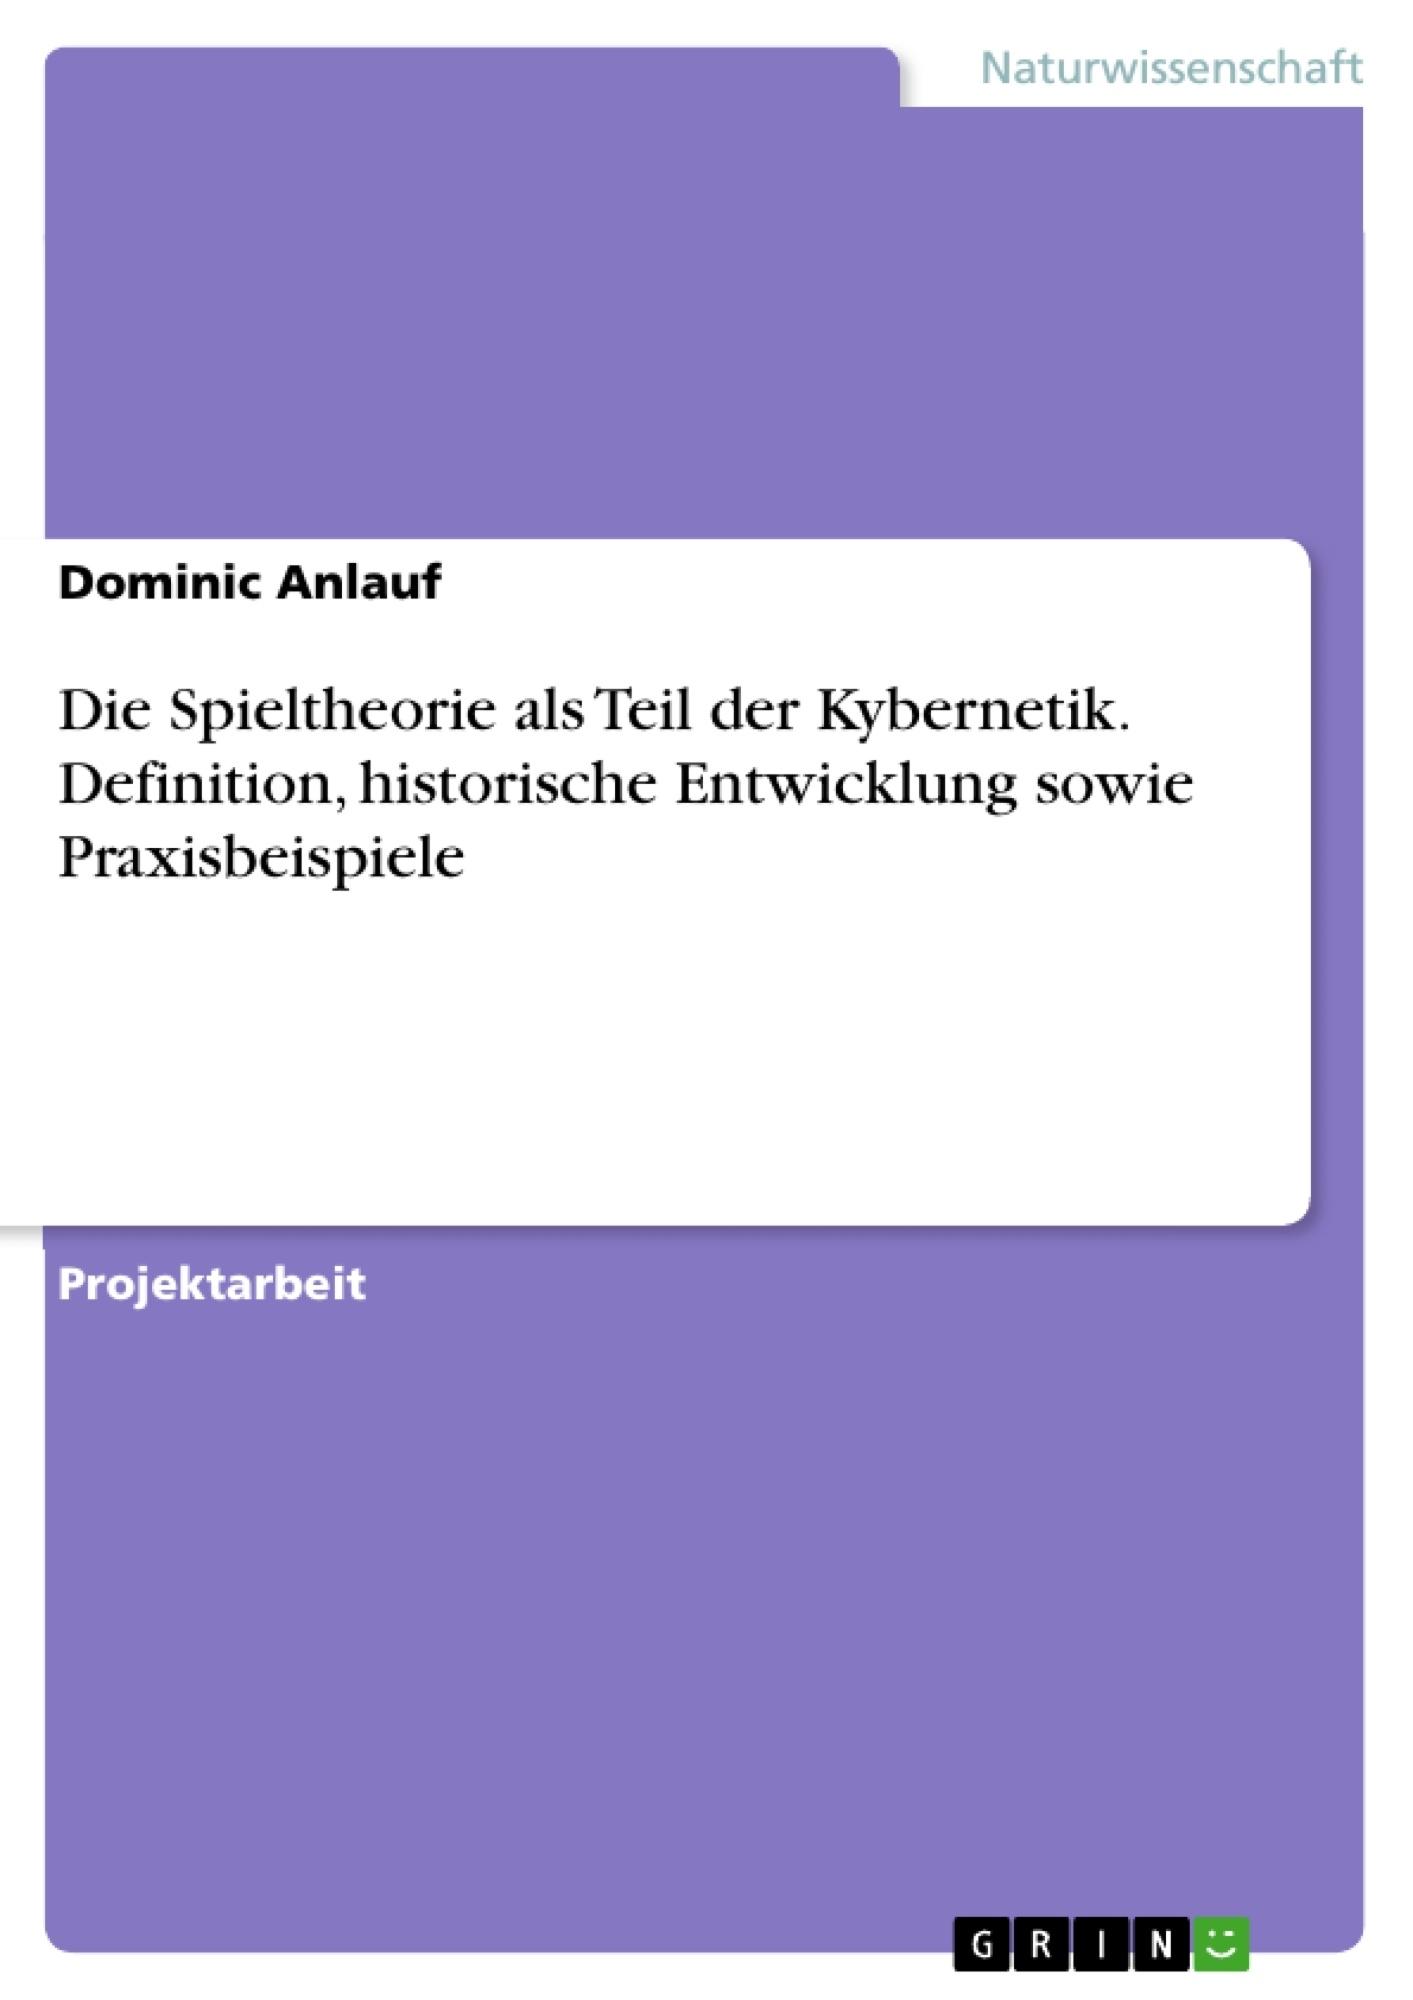 Titel: Die Spieltheorie als Teil der Kybernetik. Definition, historische Entwicklung sowie Praxisbeispiele